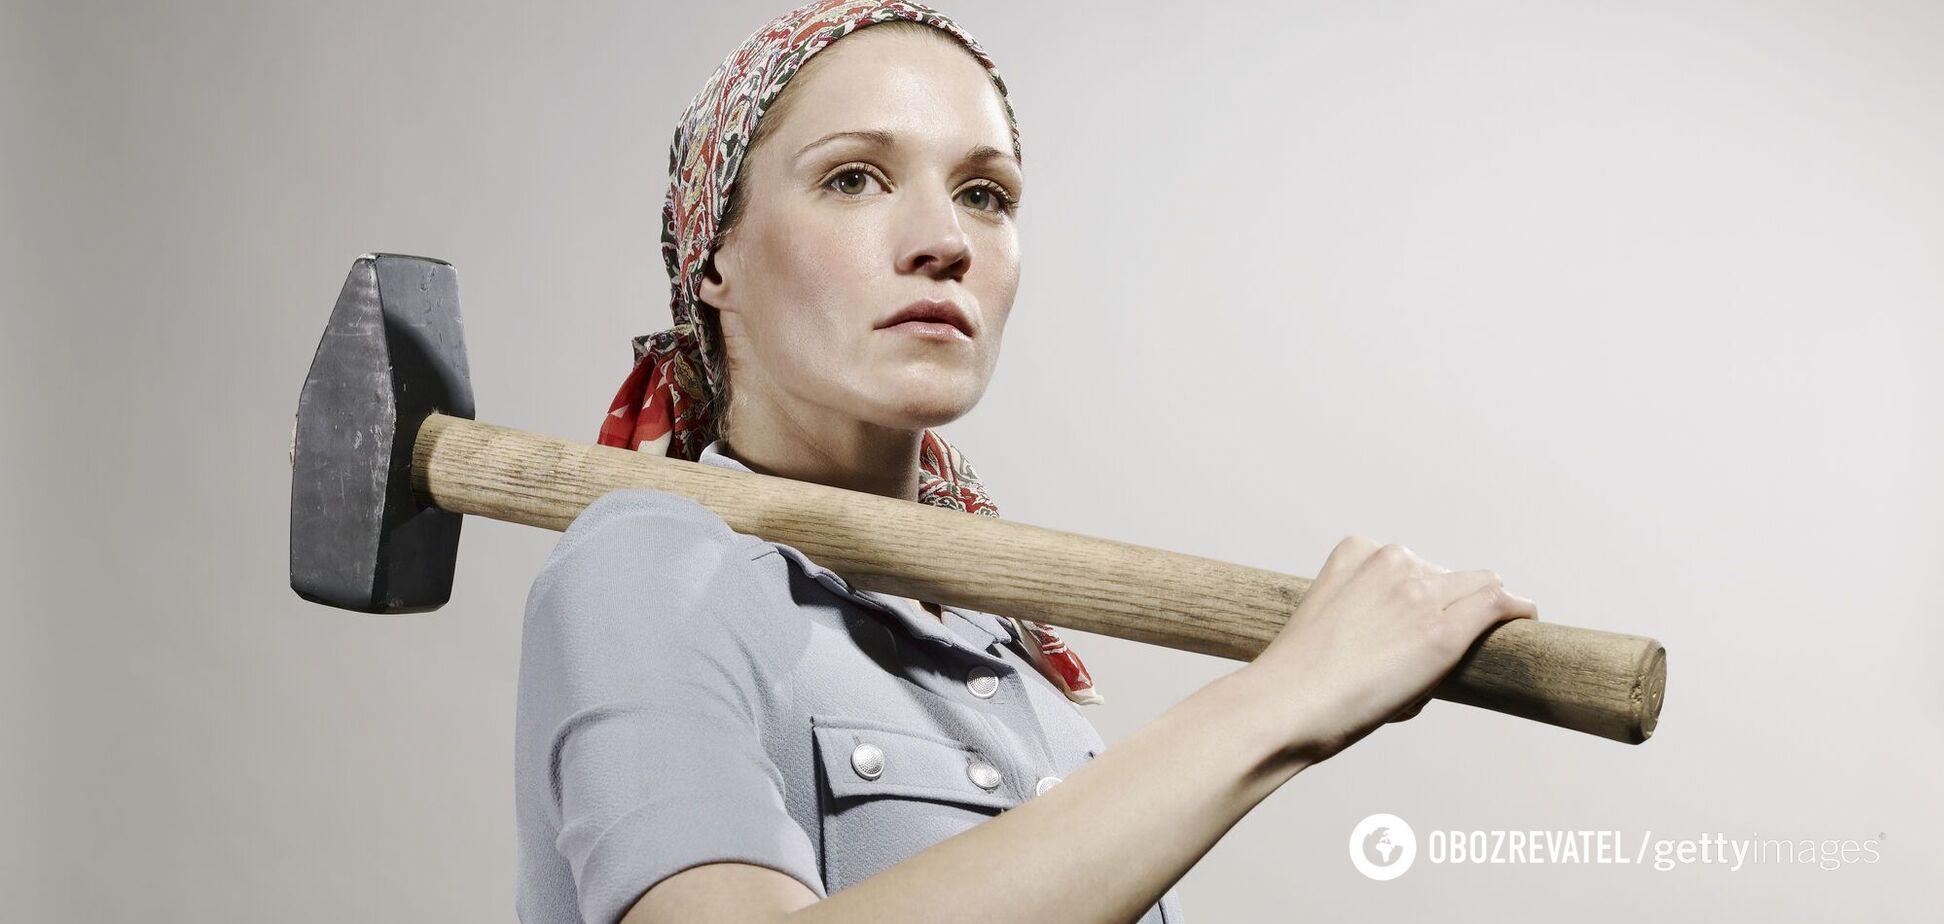 Как женщин заставляли работать и тянуть на себе все хозяйство в СССР